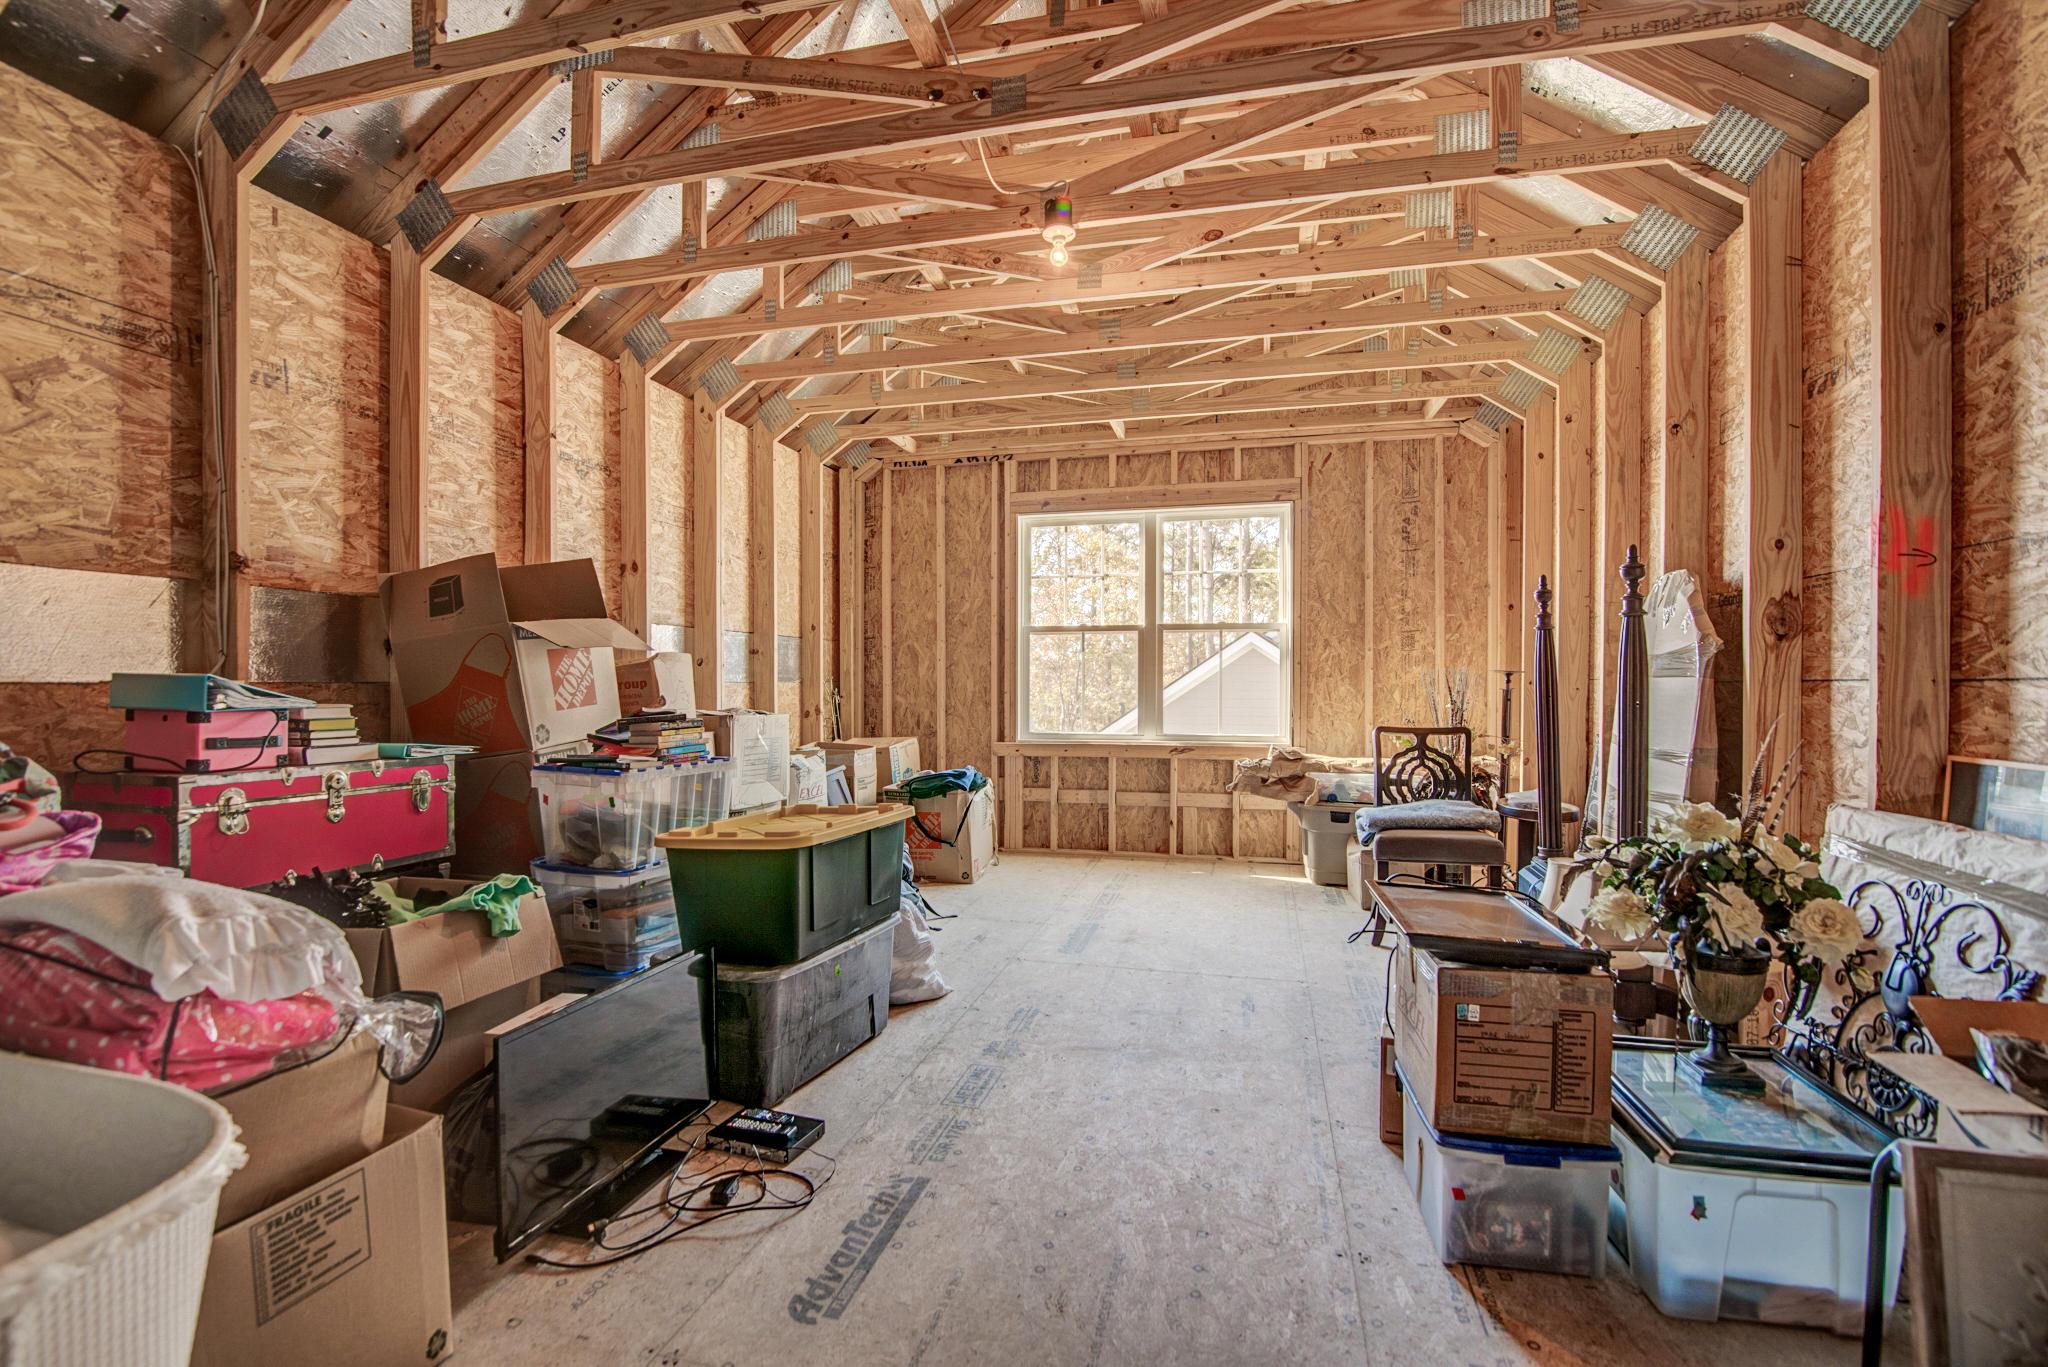 Dunes West Homes For Sale - 2883 River Vista, Mount Pleasant, SC - 16